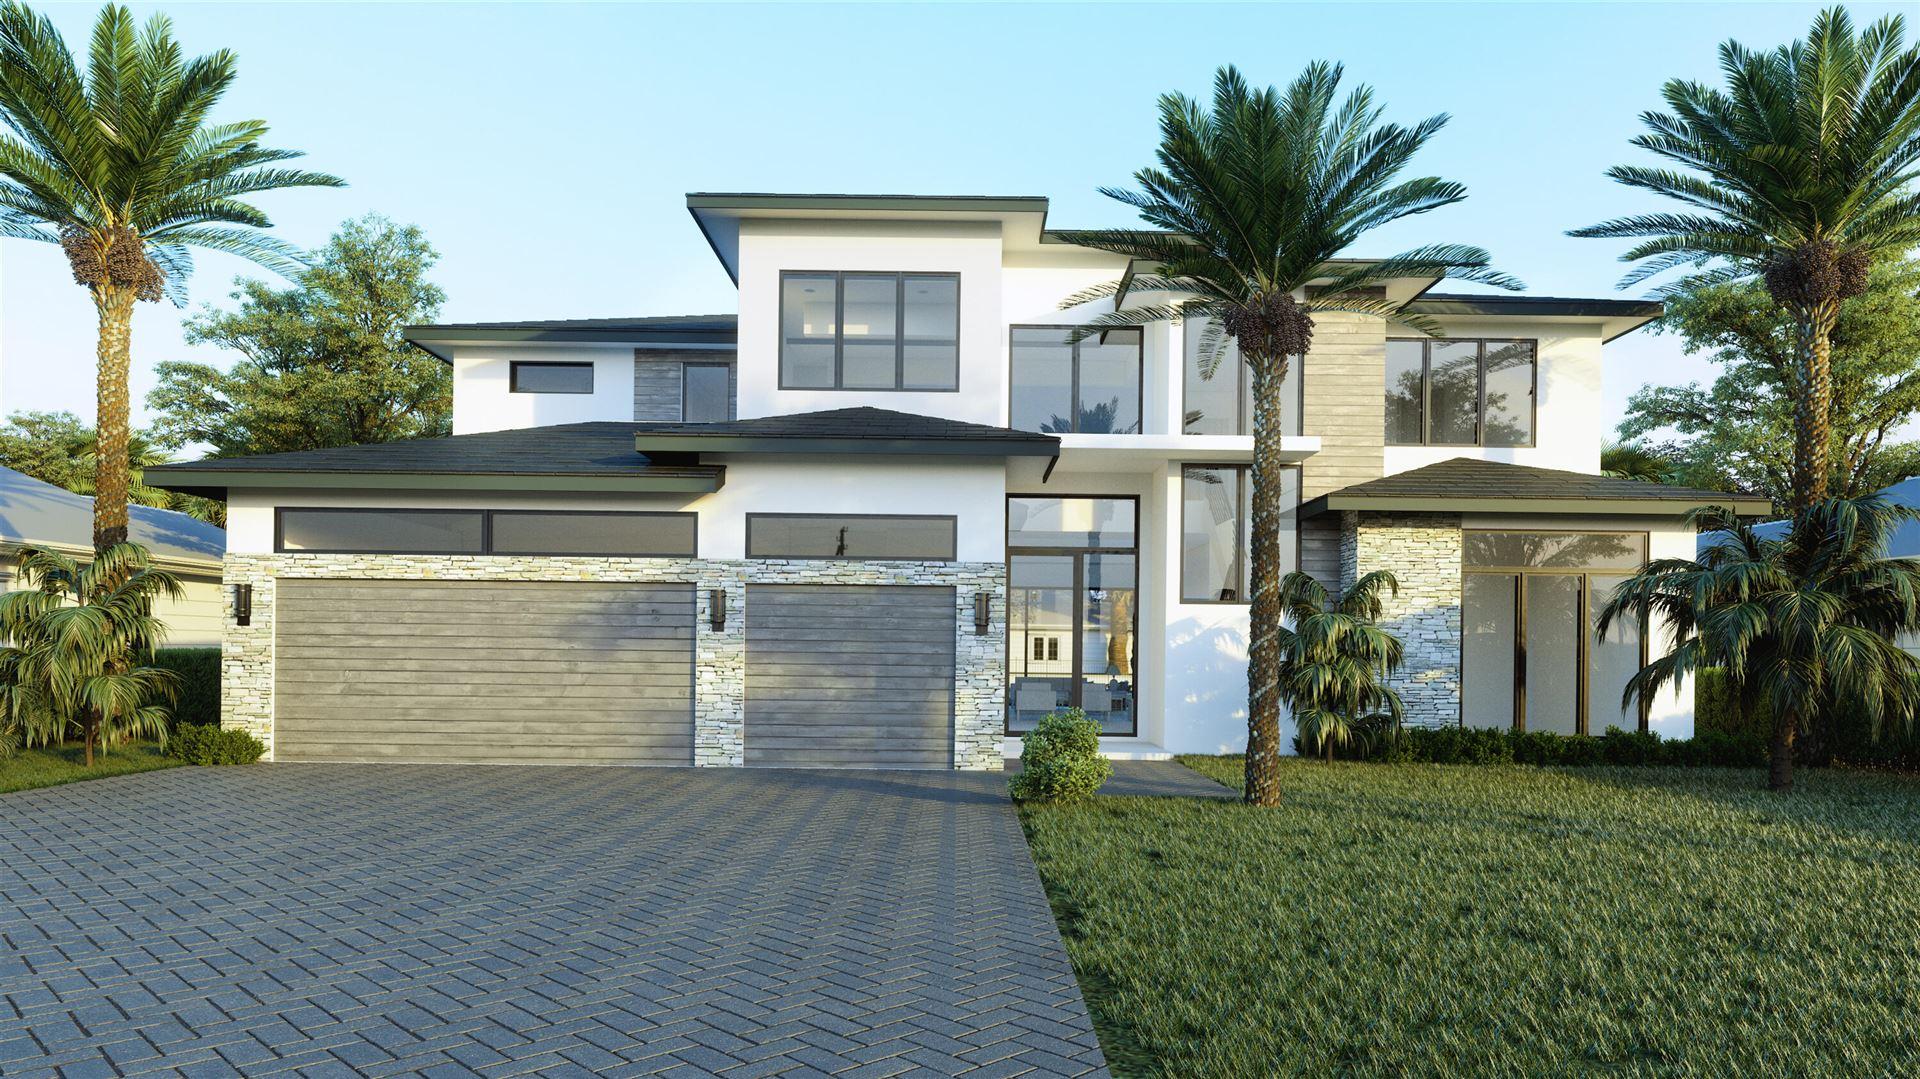 14050 Leeward Way                                                                               Palm Beach Gardens                                                                      , FL - $3,495,000